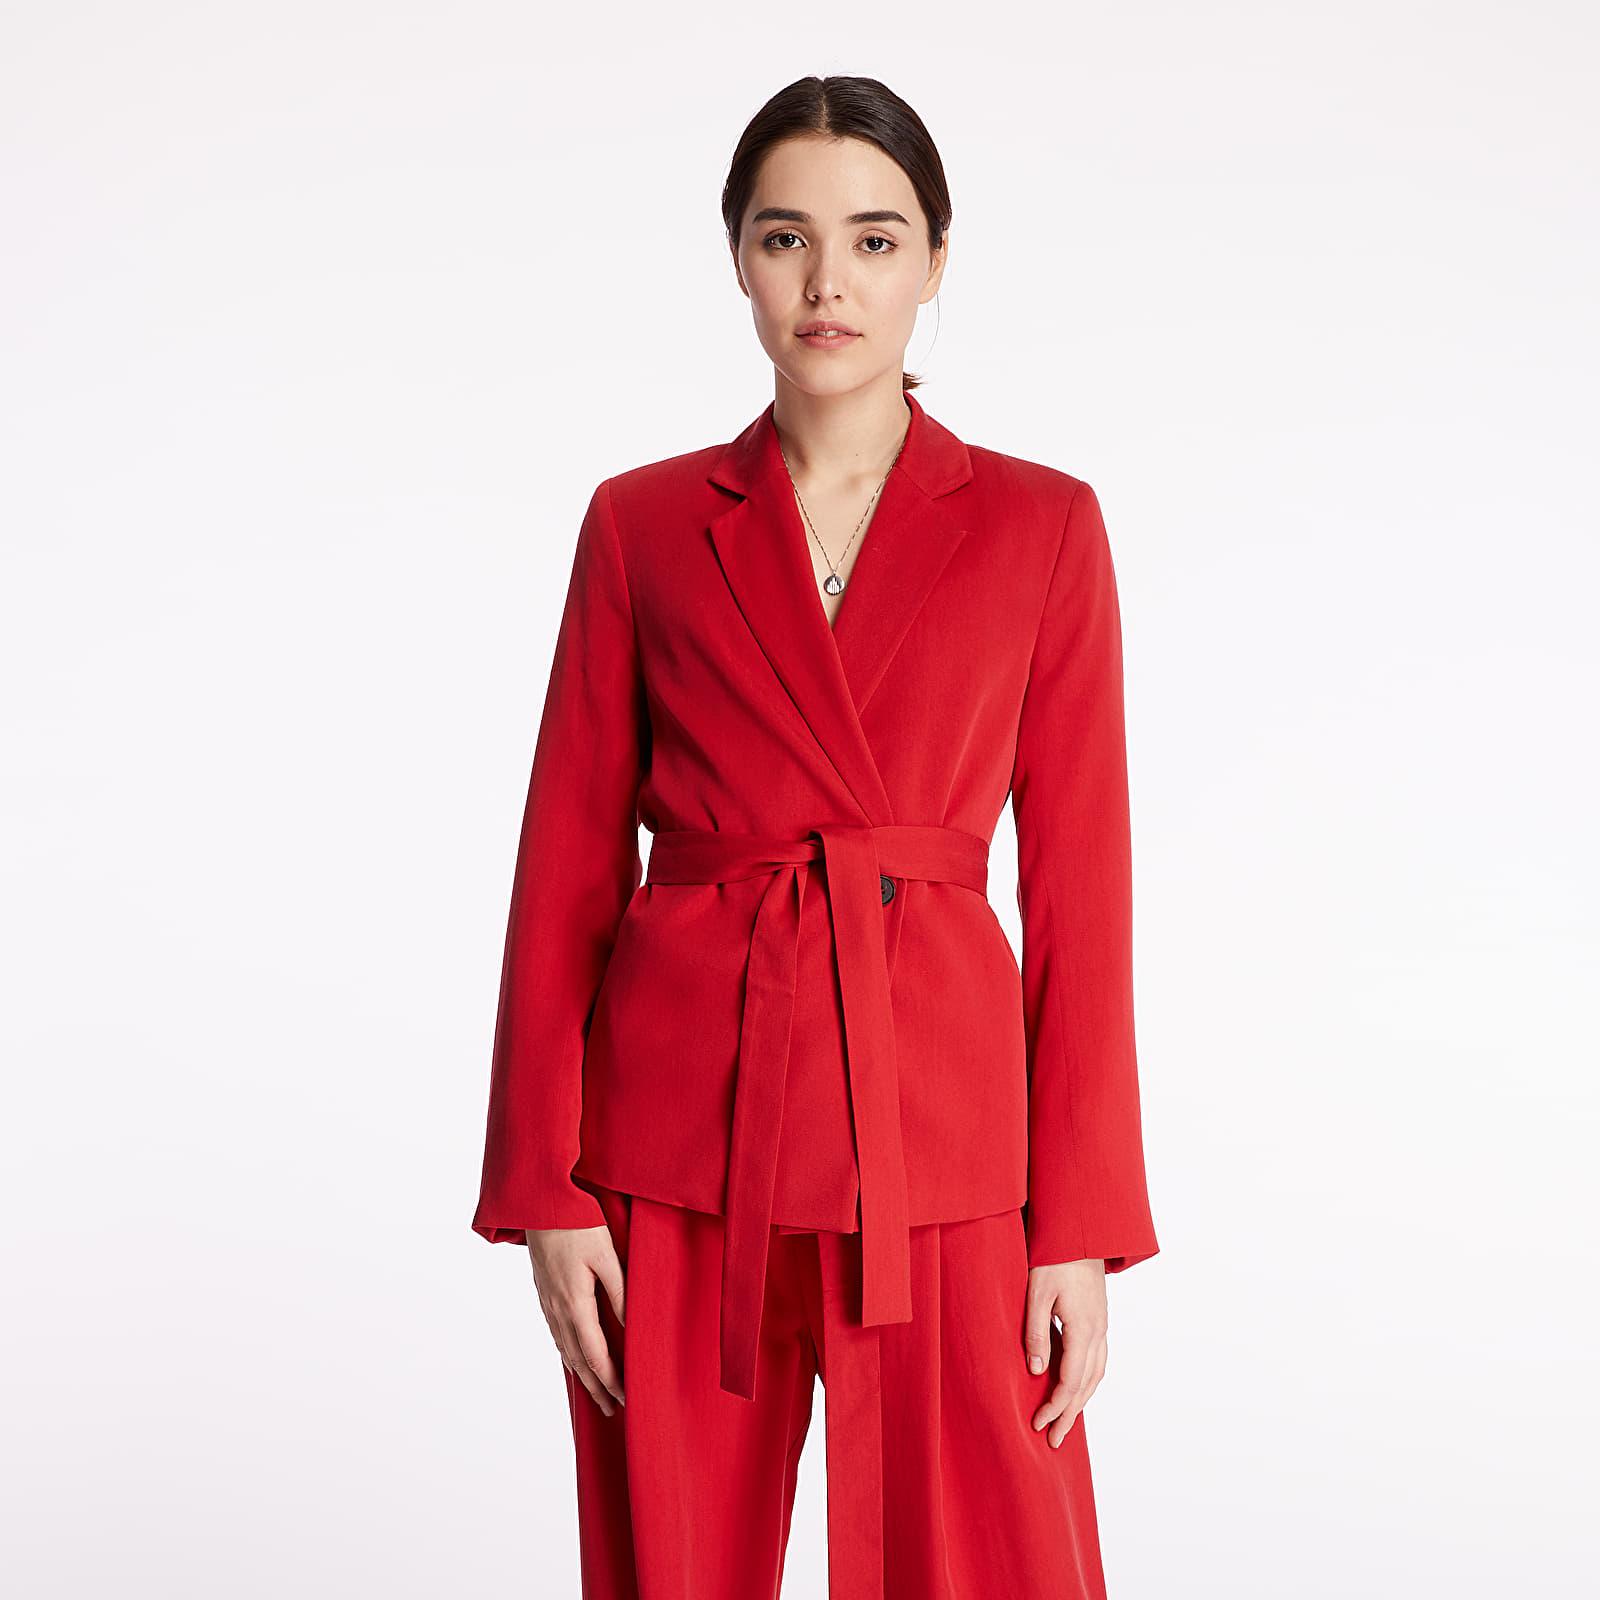 Coats Pietro Filipi Lady's Jacket Bright Red